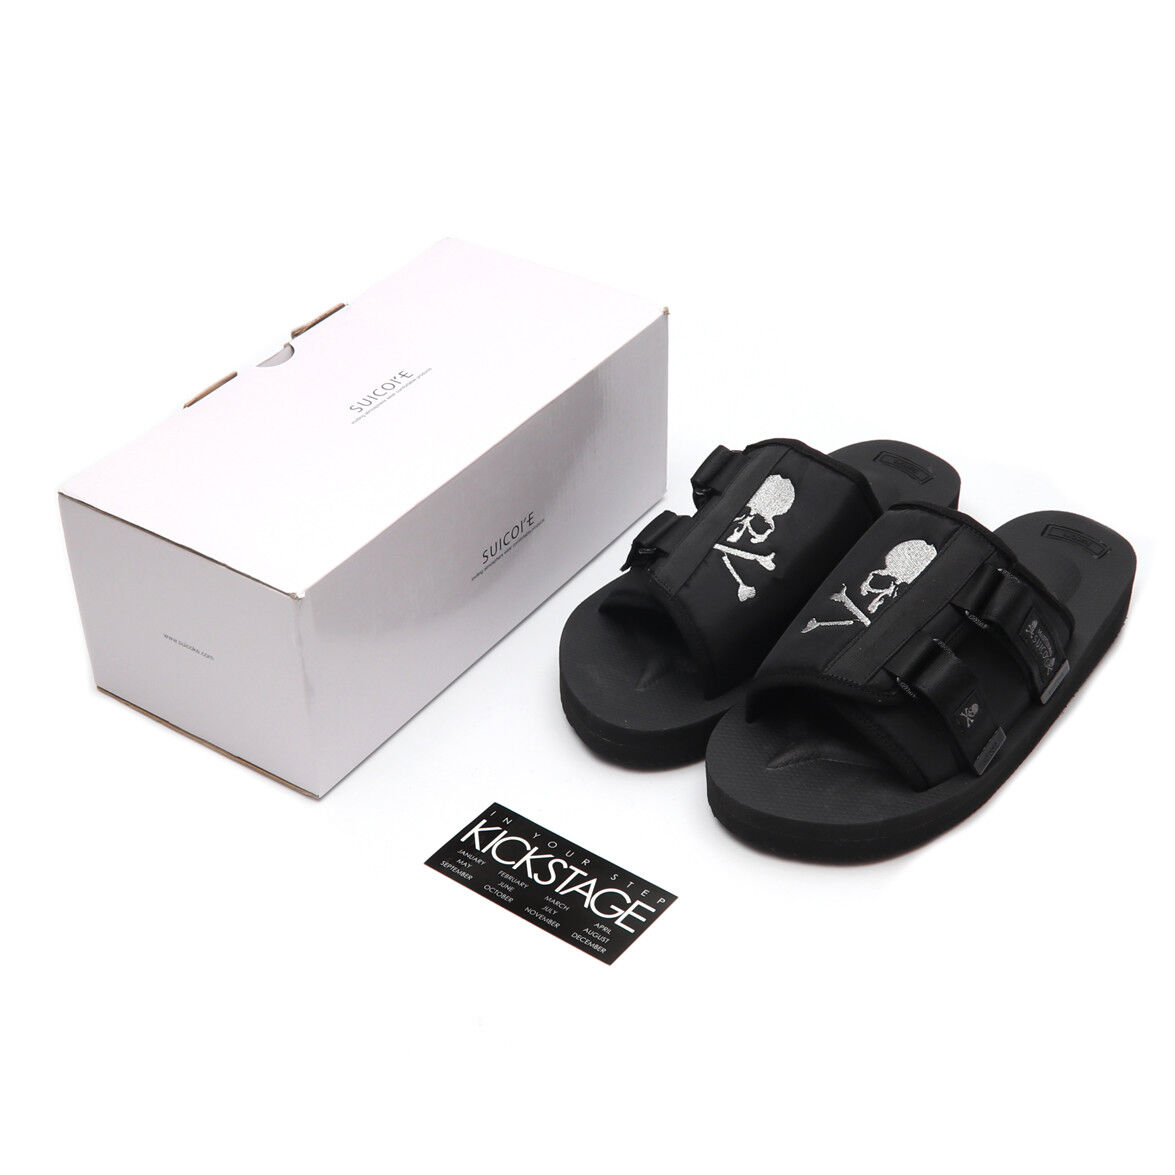 77e563e73e5 Mastermind JAPAN x SUICOKE KAW-VMM-JAPAN   OG-081VMM-JAPAN Black MMJ Sandals